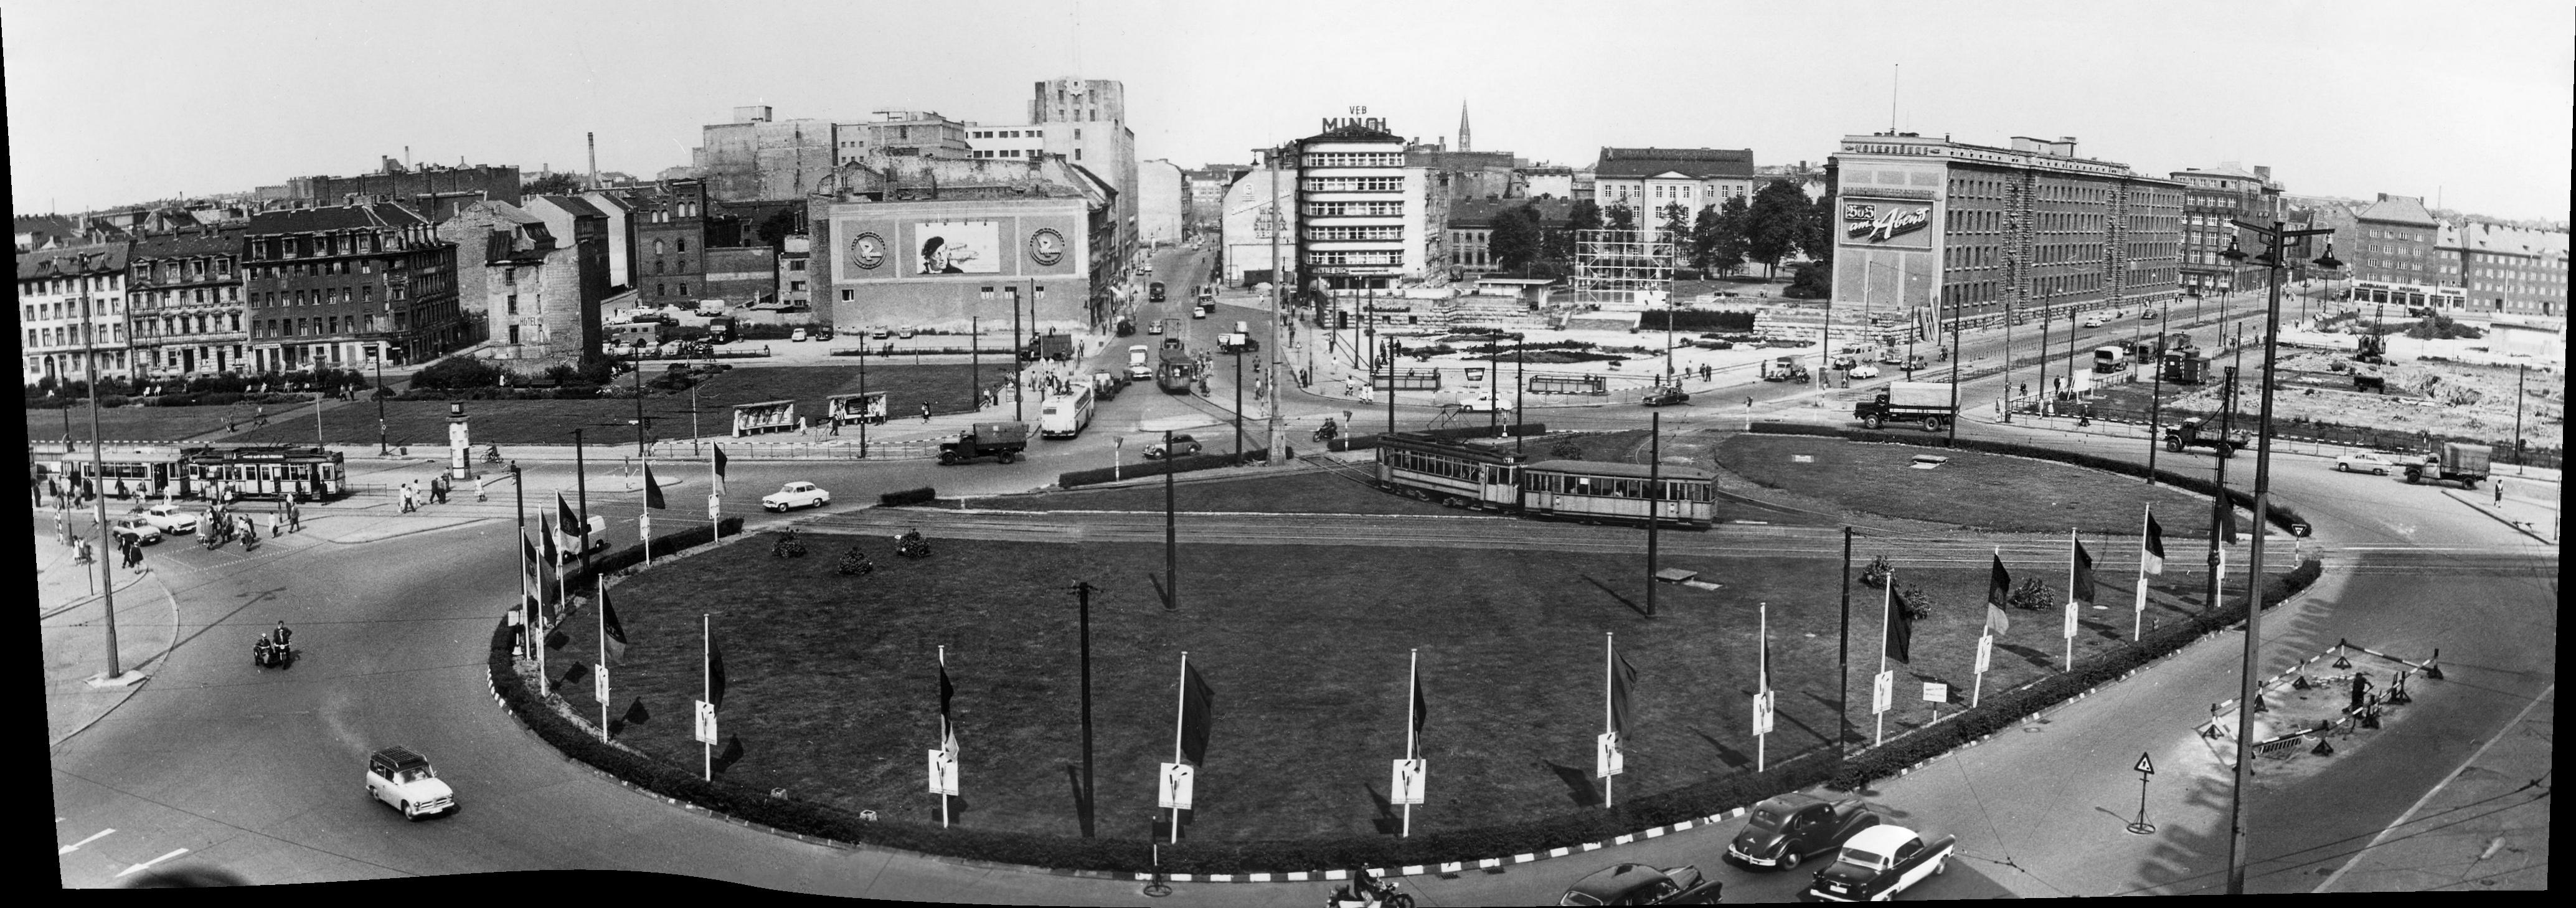 1957. Александерплац